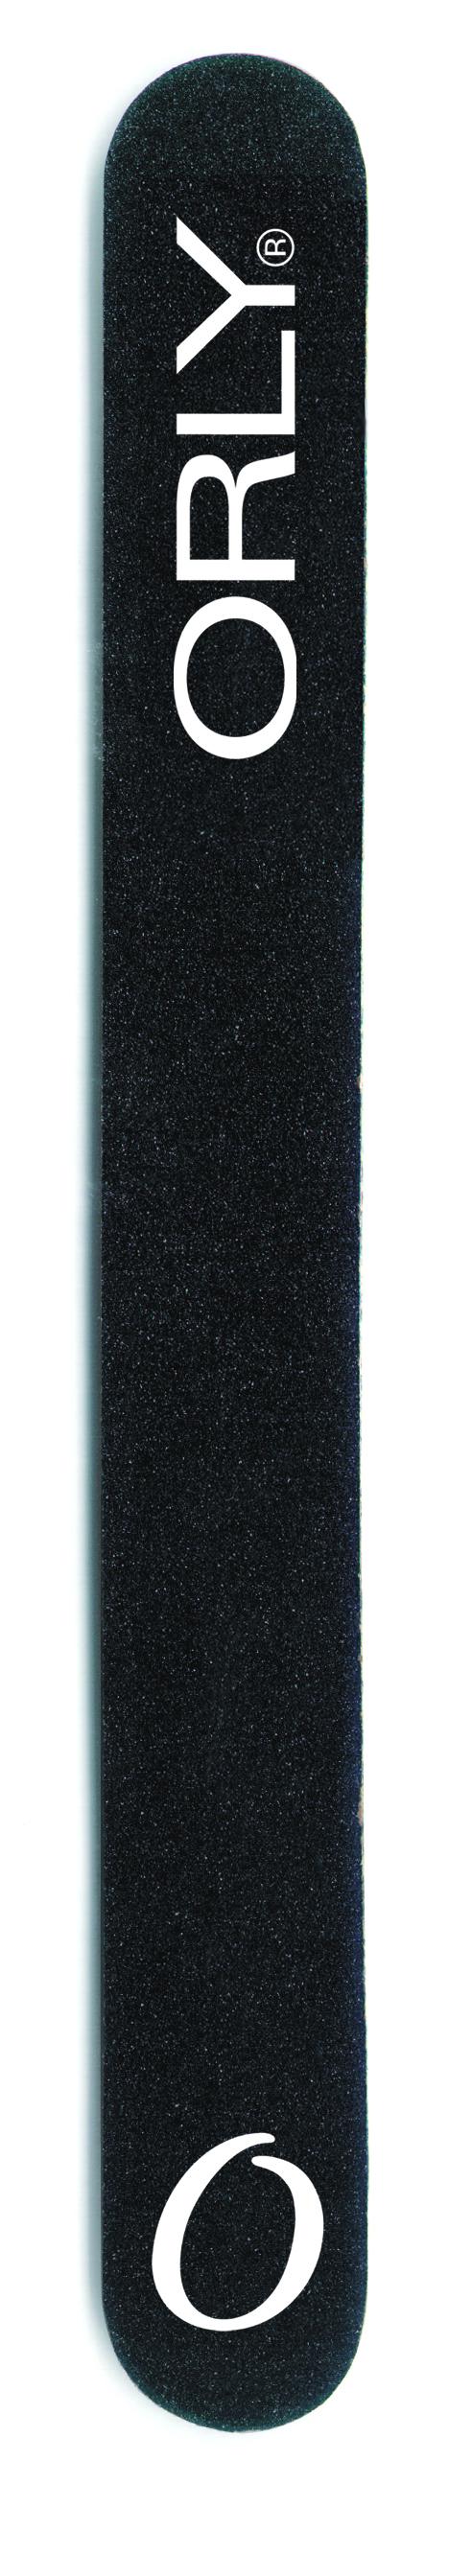 ORLY Пилка с абразивностью 180 ед. / Black Board.